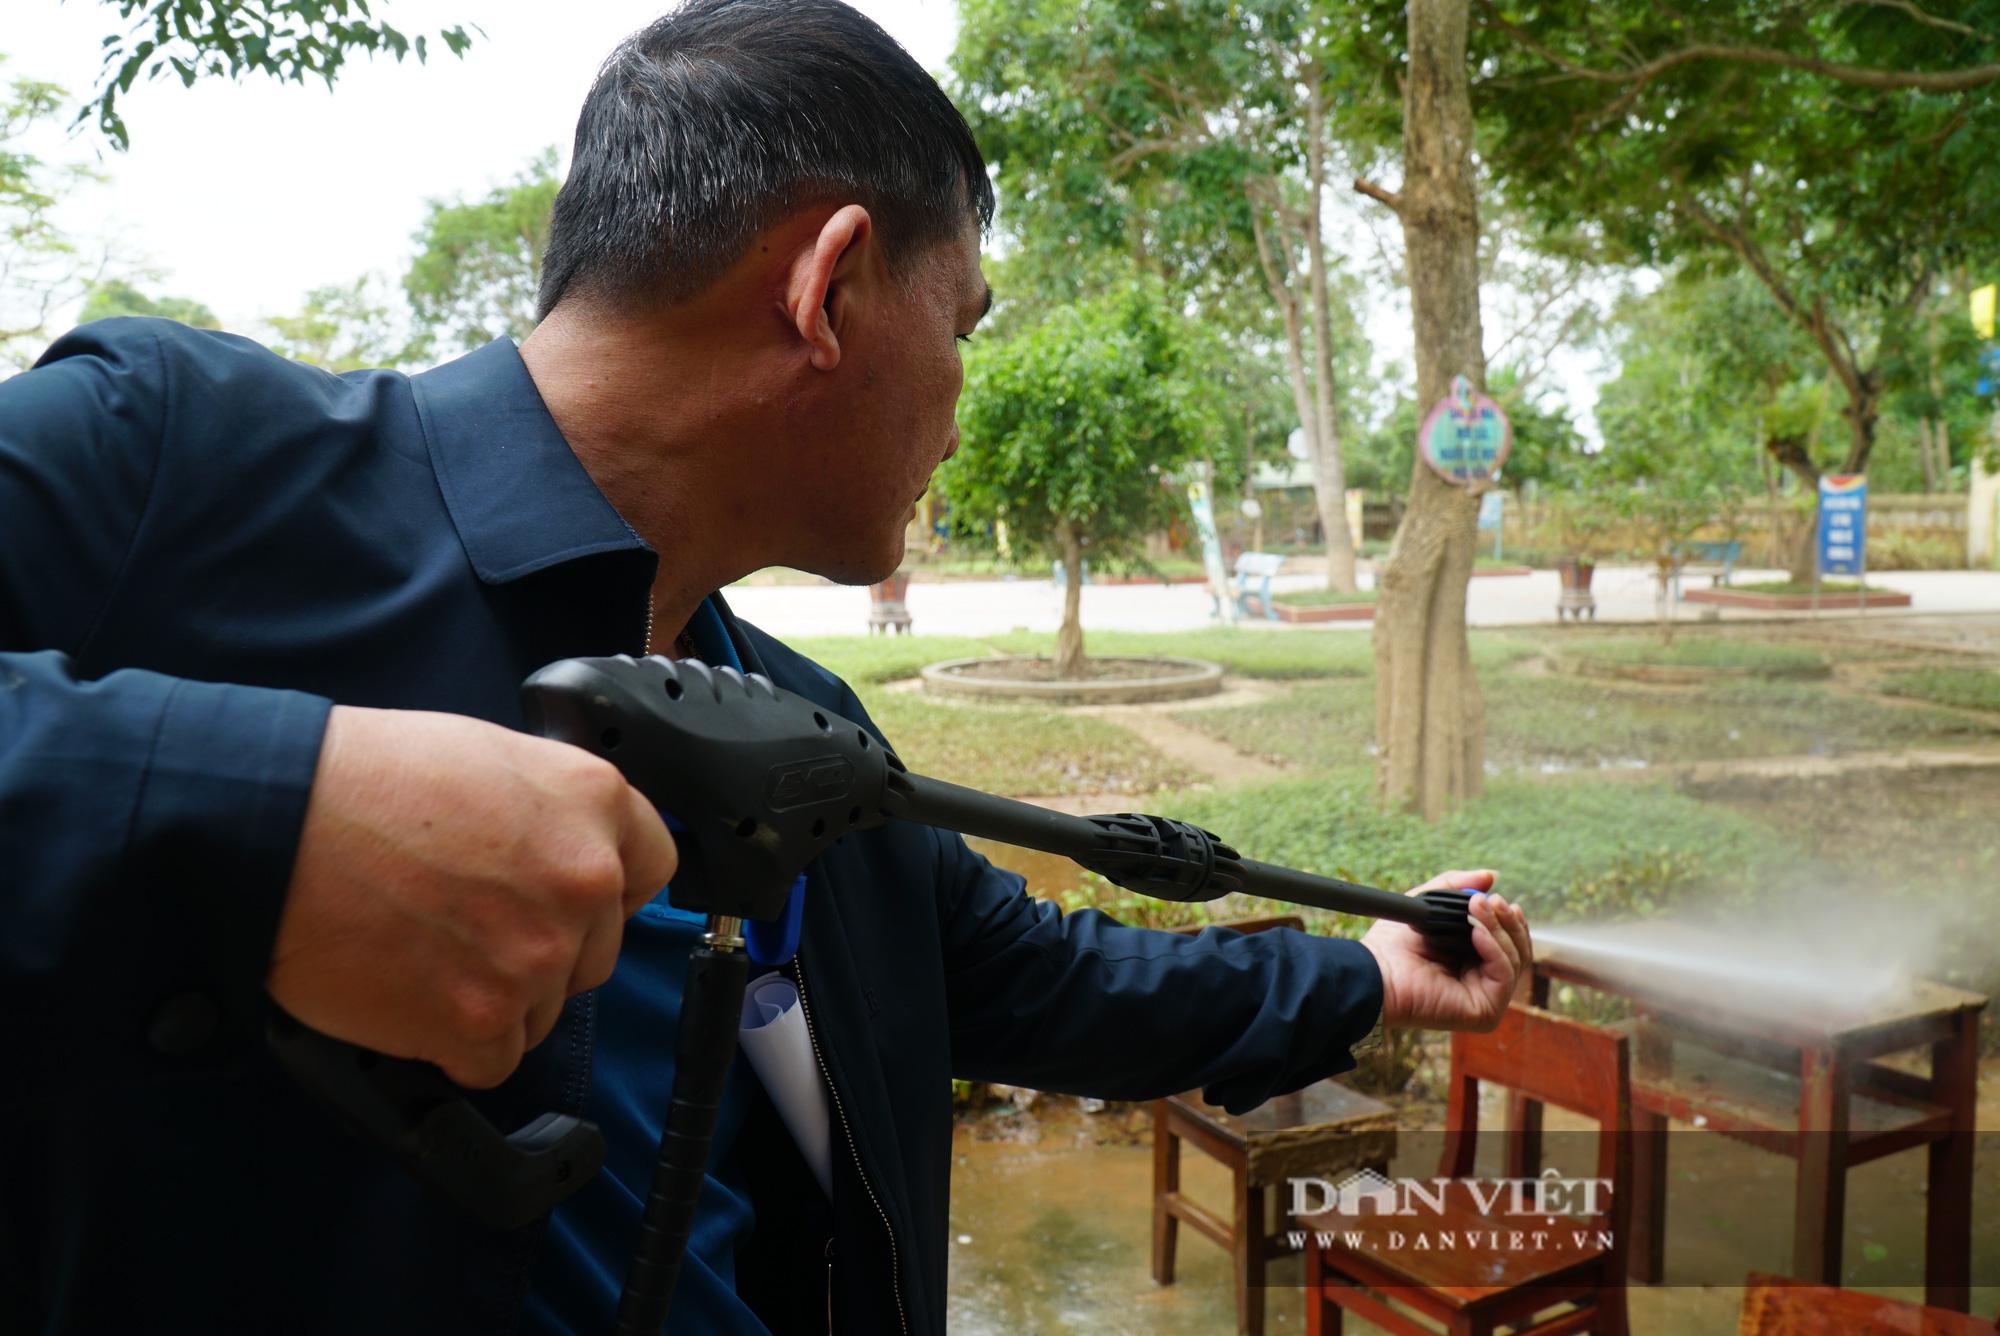 Quảng trị: Các trường học được hỗ trợ máy rửa bùn non sau bão lũ - Ảnh 10.